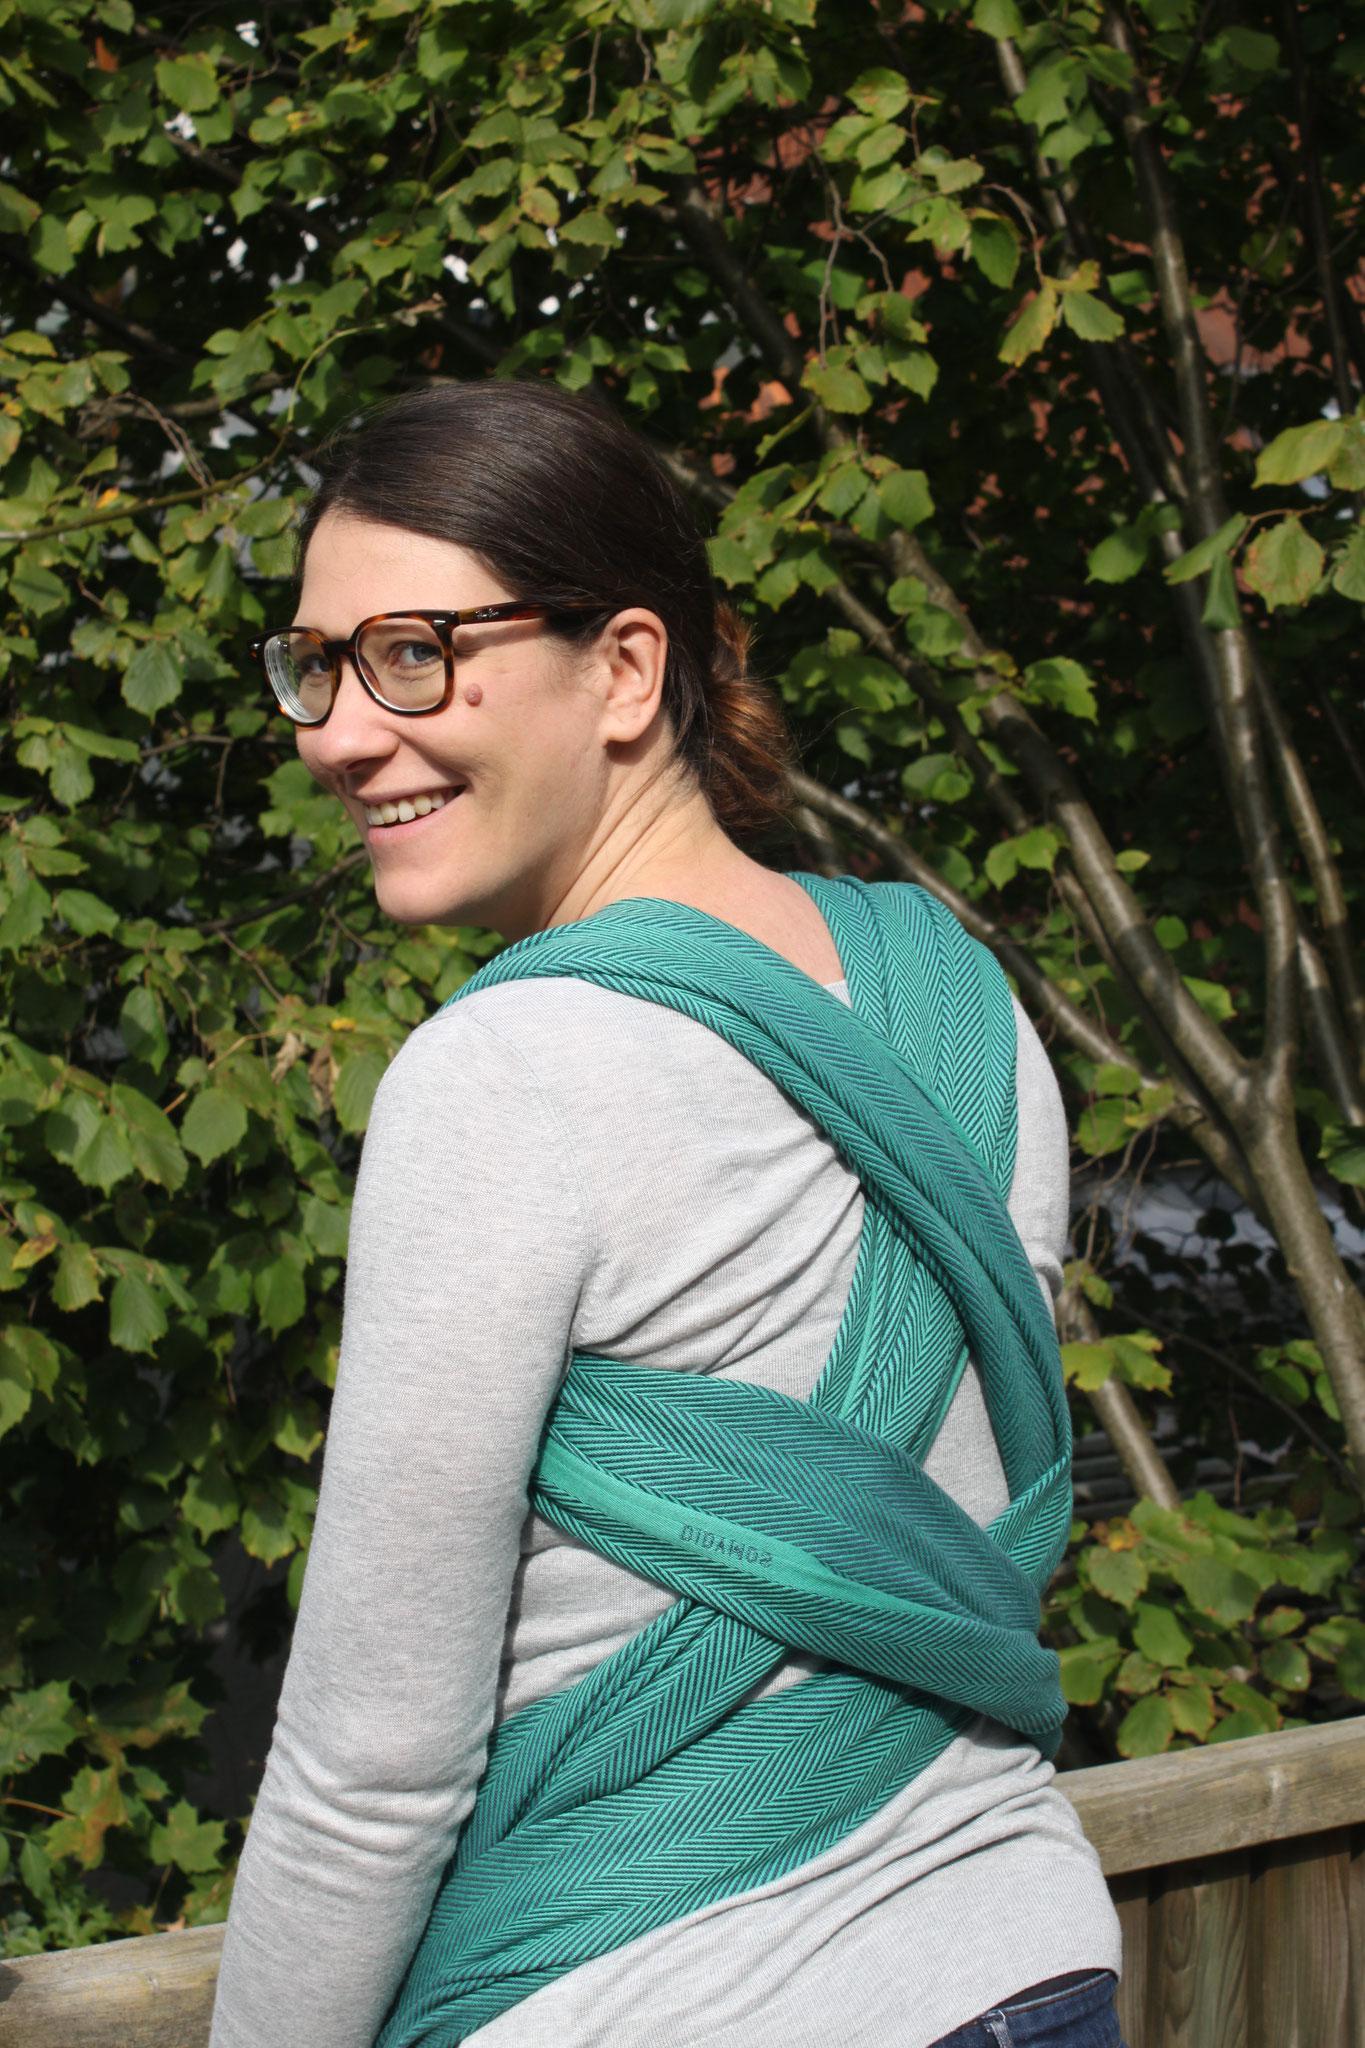 Schwangerenbindeweise mit dem Tragetuch - Rückenansicht